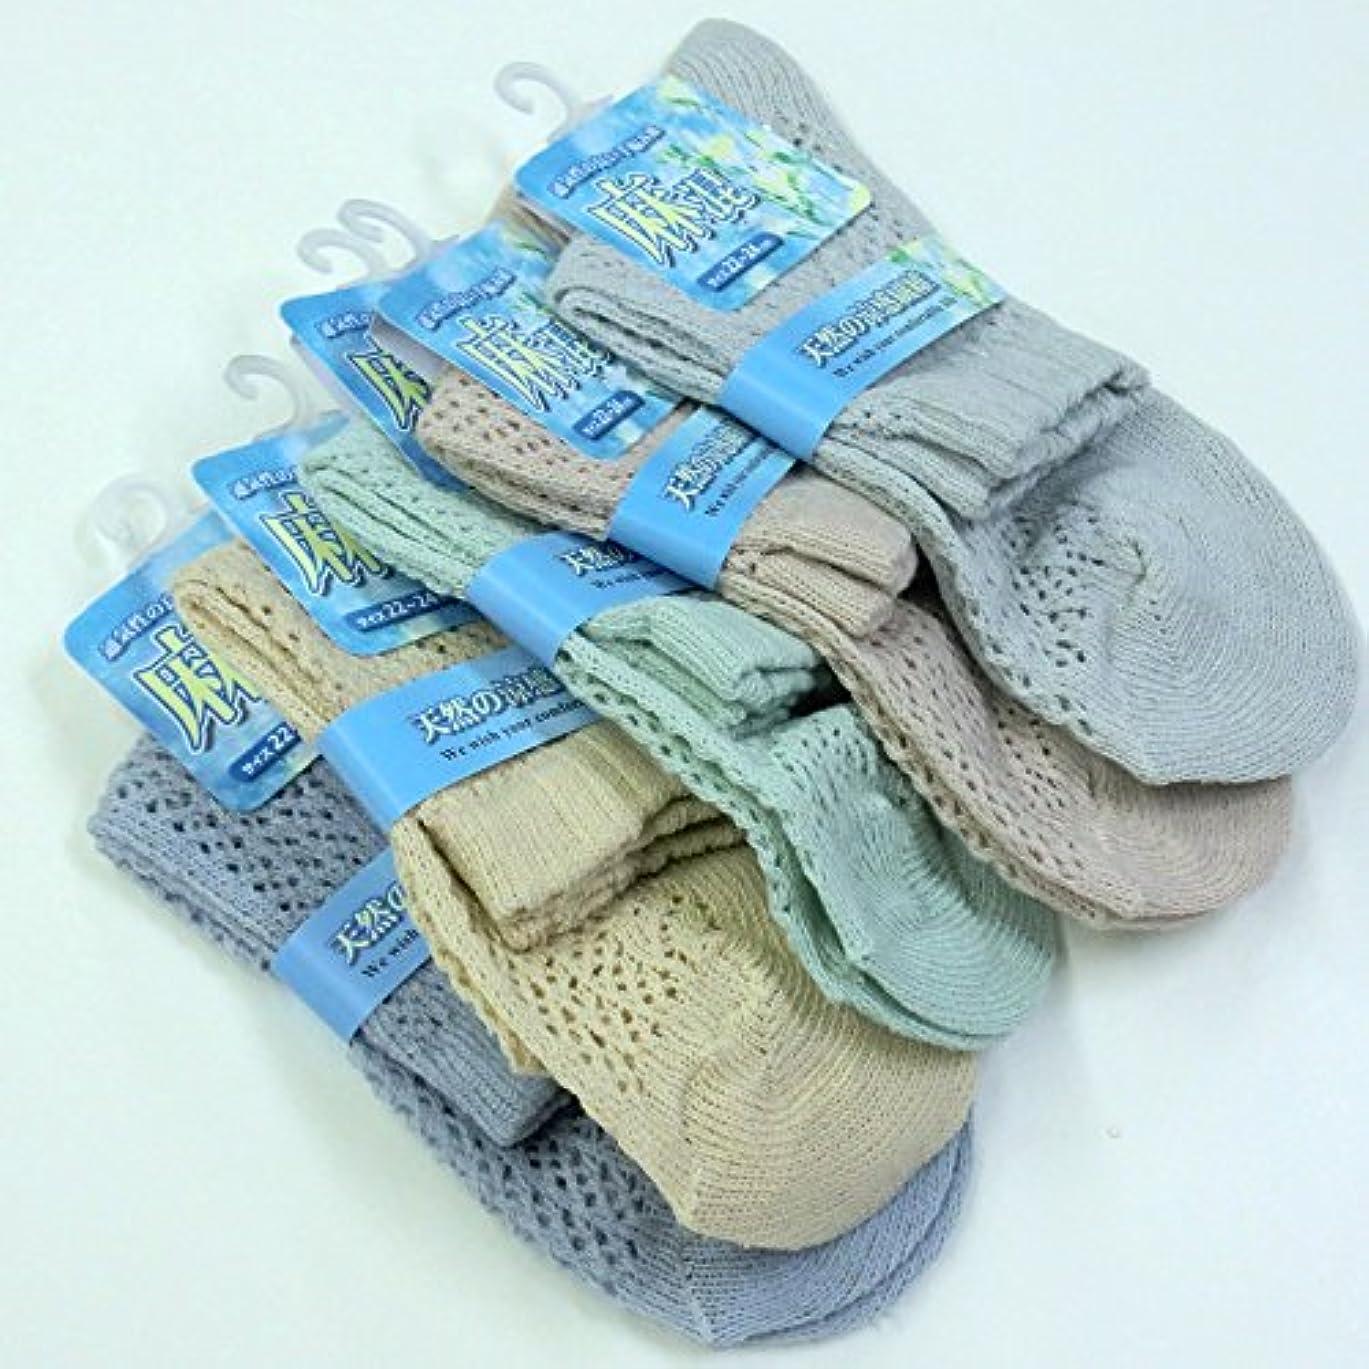 回答ラッチ不一致靴下 レディース 麻混 涼しいルミーソックス おしゃれ手編み風 5色5足組